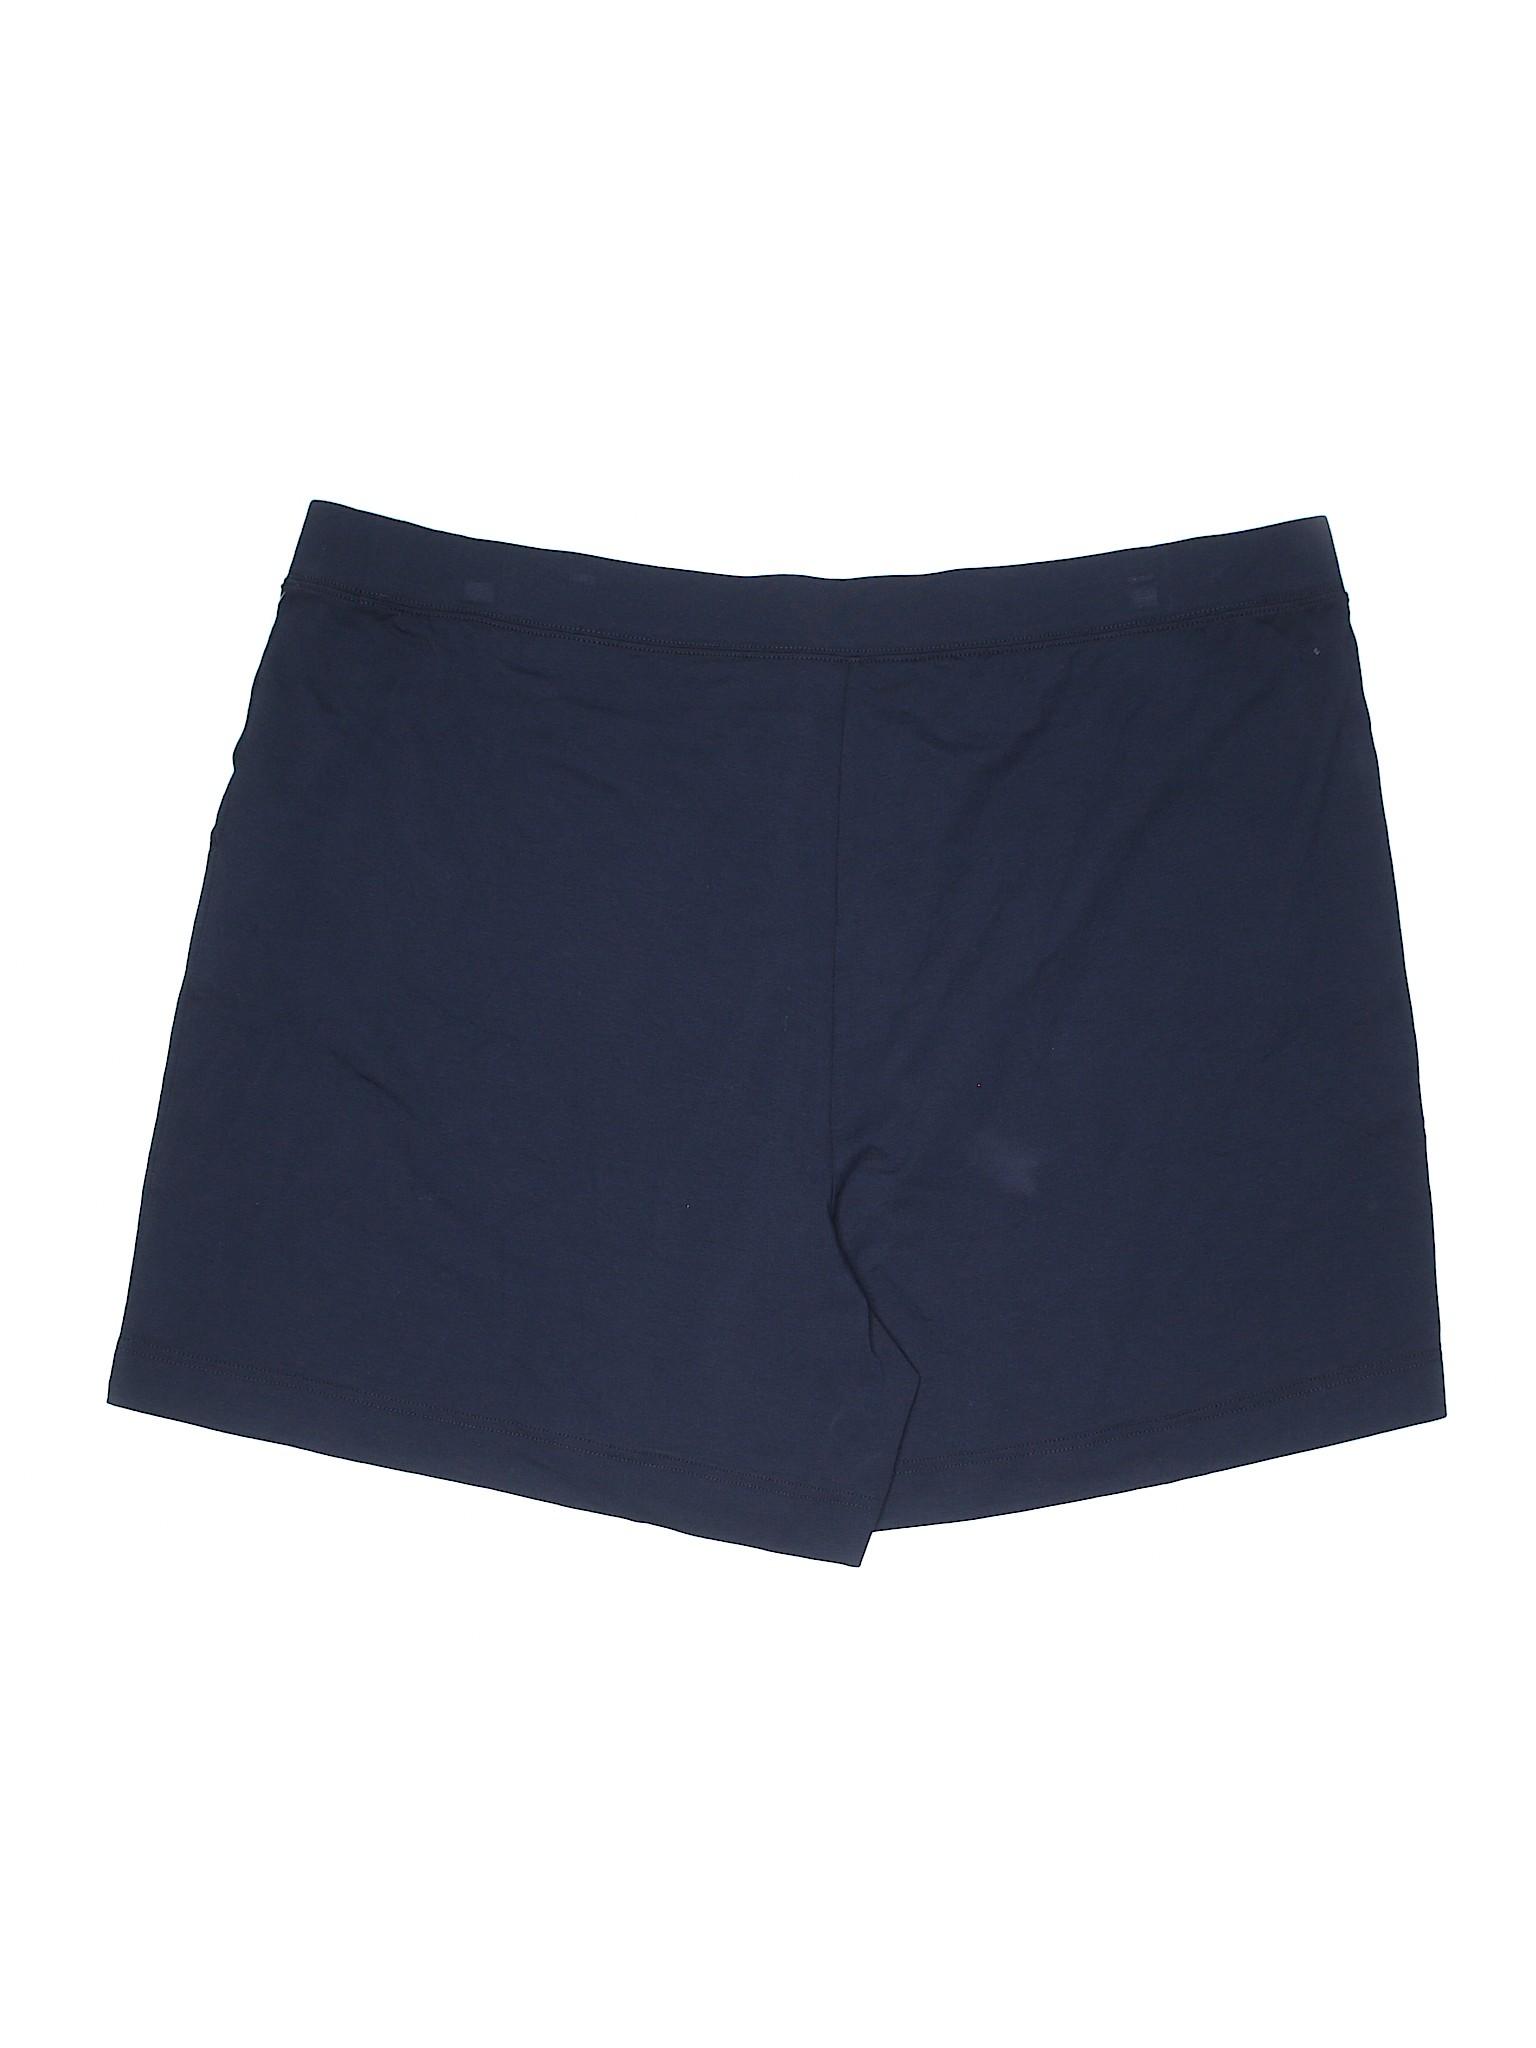 Karen Boutique Scott Boutique Shorts Karen Scott Shorts nxxIFa0